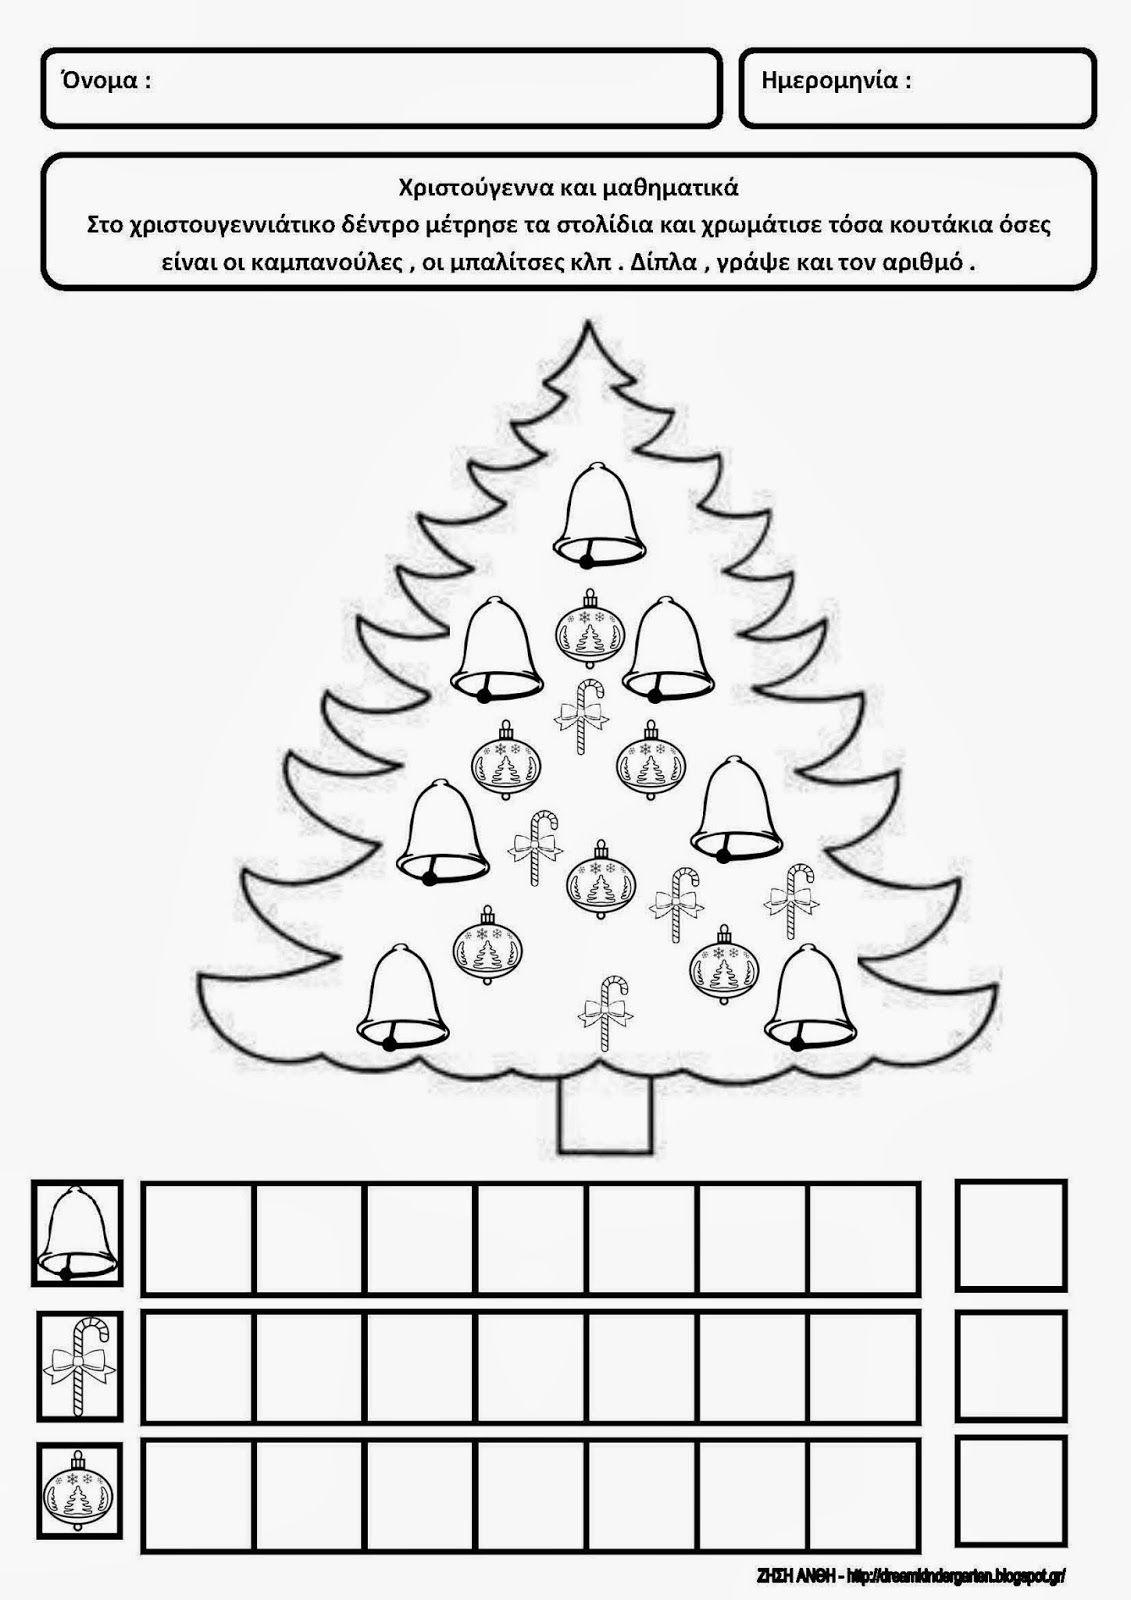 Το νέο νηπιαγωγείο που ονειρεύομαι : Χριστουγεννιάτικα φύλλα εργασίας για τα μαθηματικά